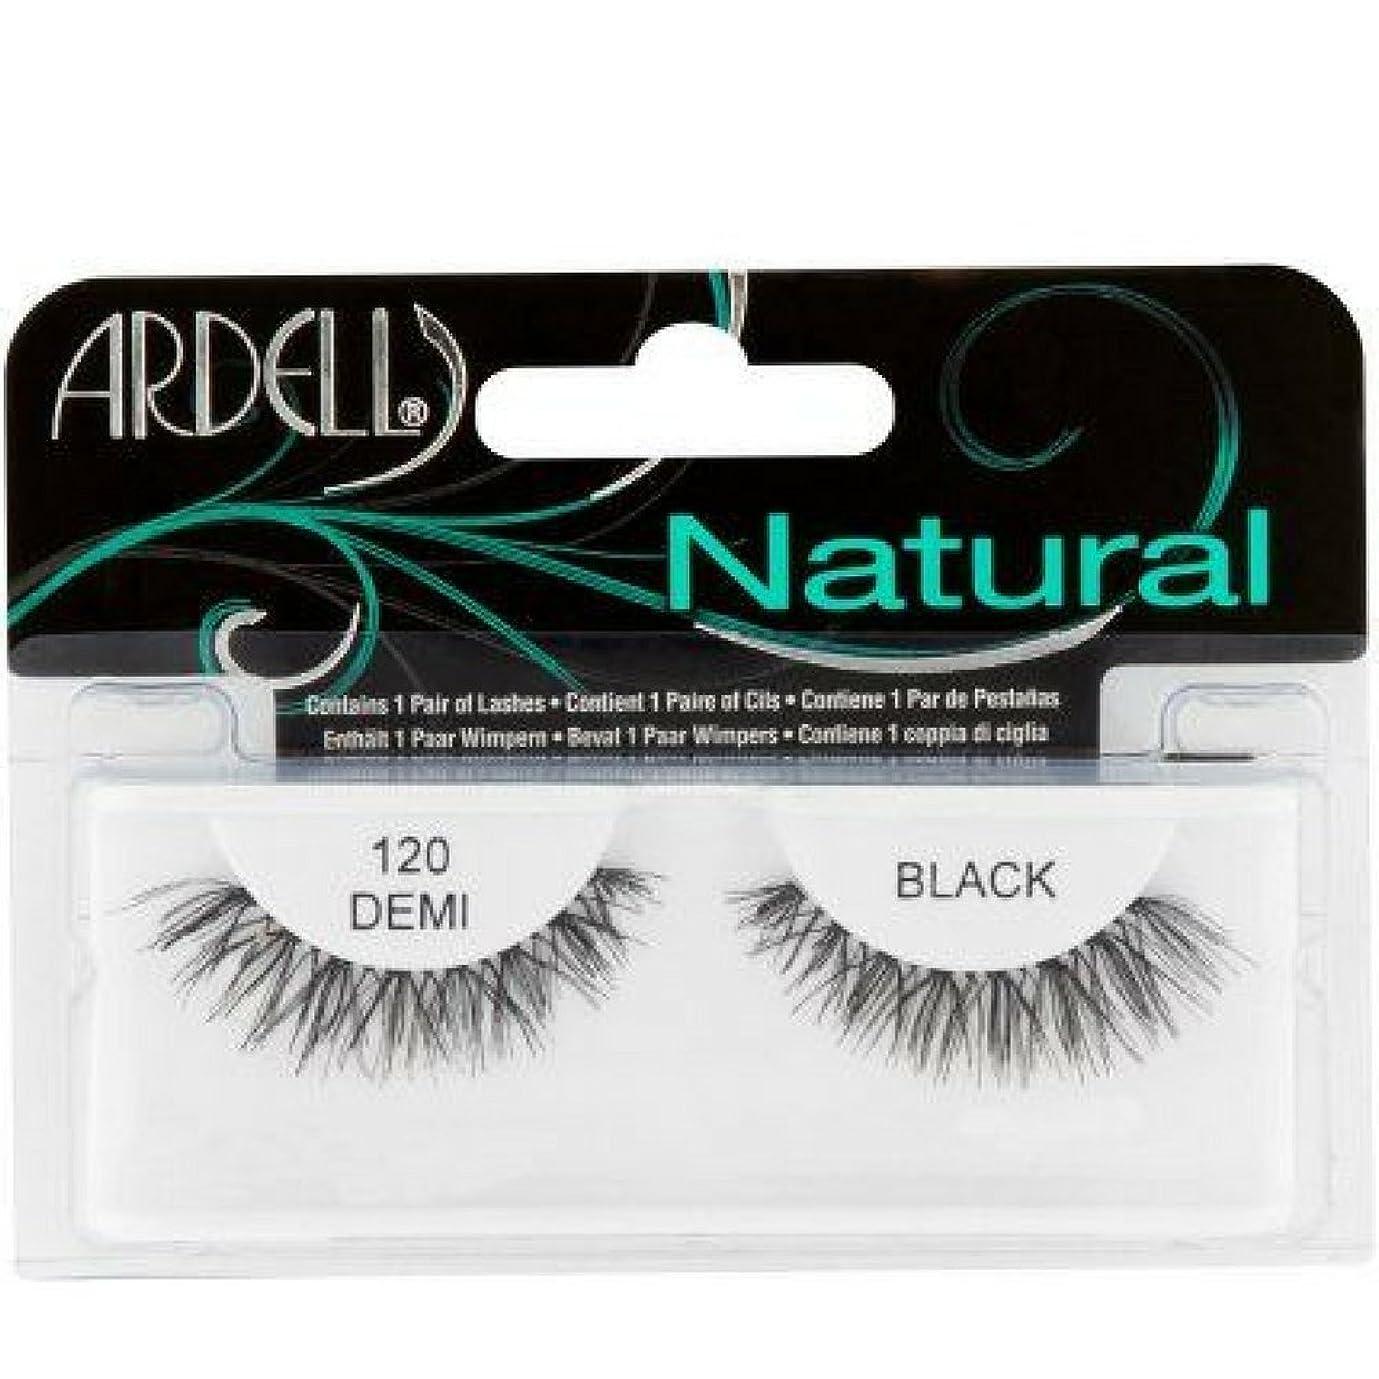 物足りない平方用語集Ardell ファッションまつげ自然ストリップラッシュ、ブラック[120] 1をEA(12パック) 12のパック ブラック